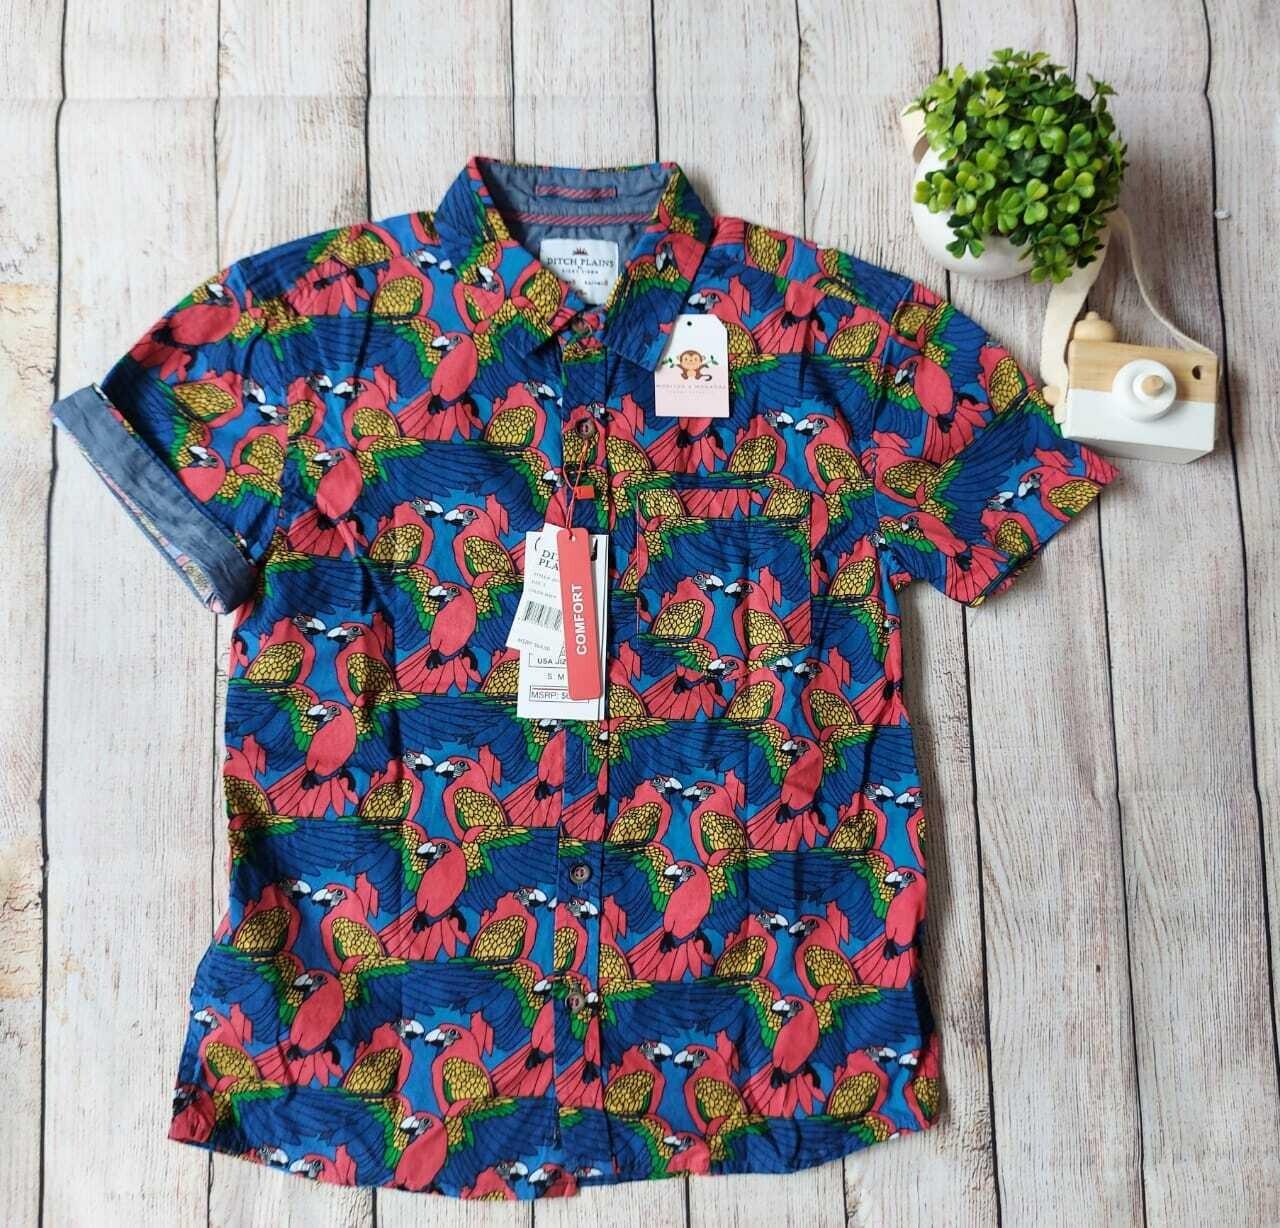 Camiseta estilo tropical, 8 años